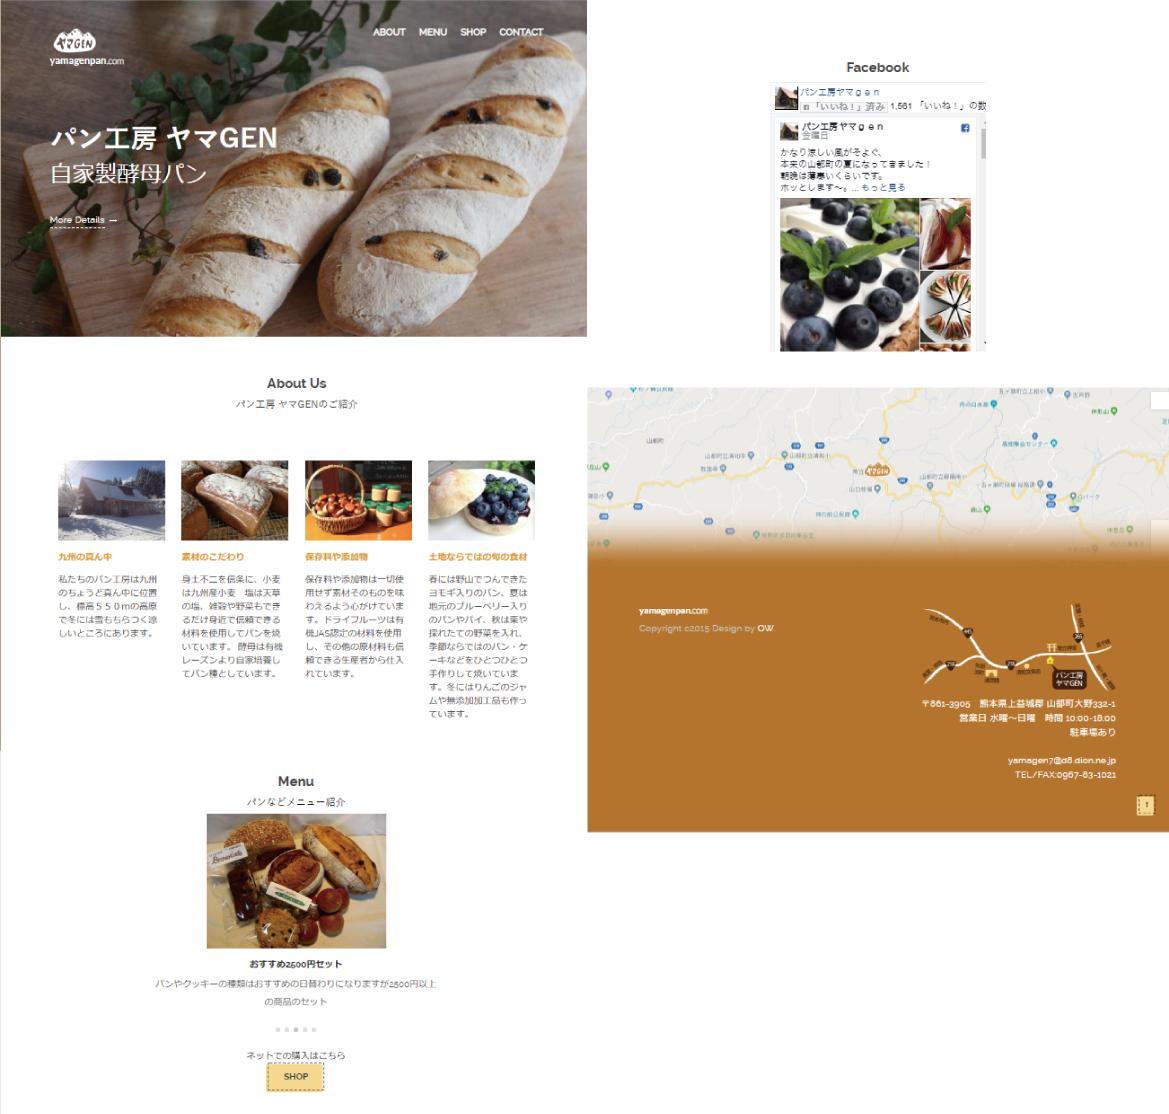 ホームページ制作いたします ベーシックなサイトでスマホでも対応したページが欲しい